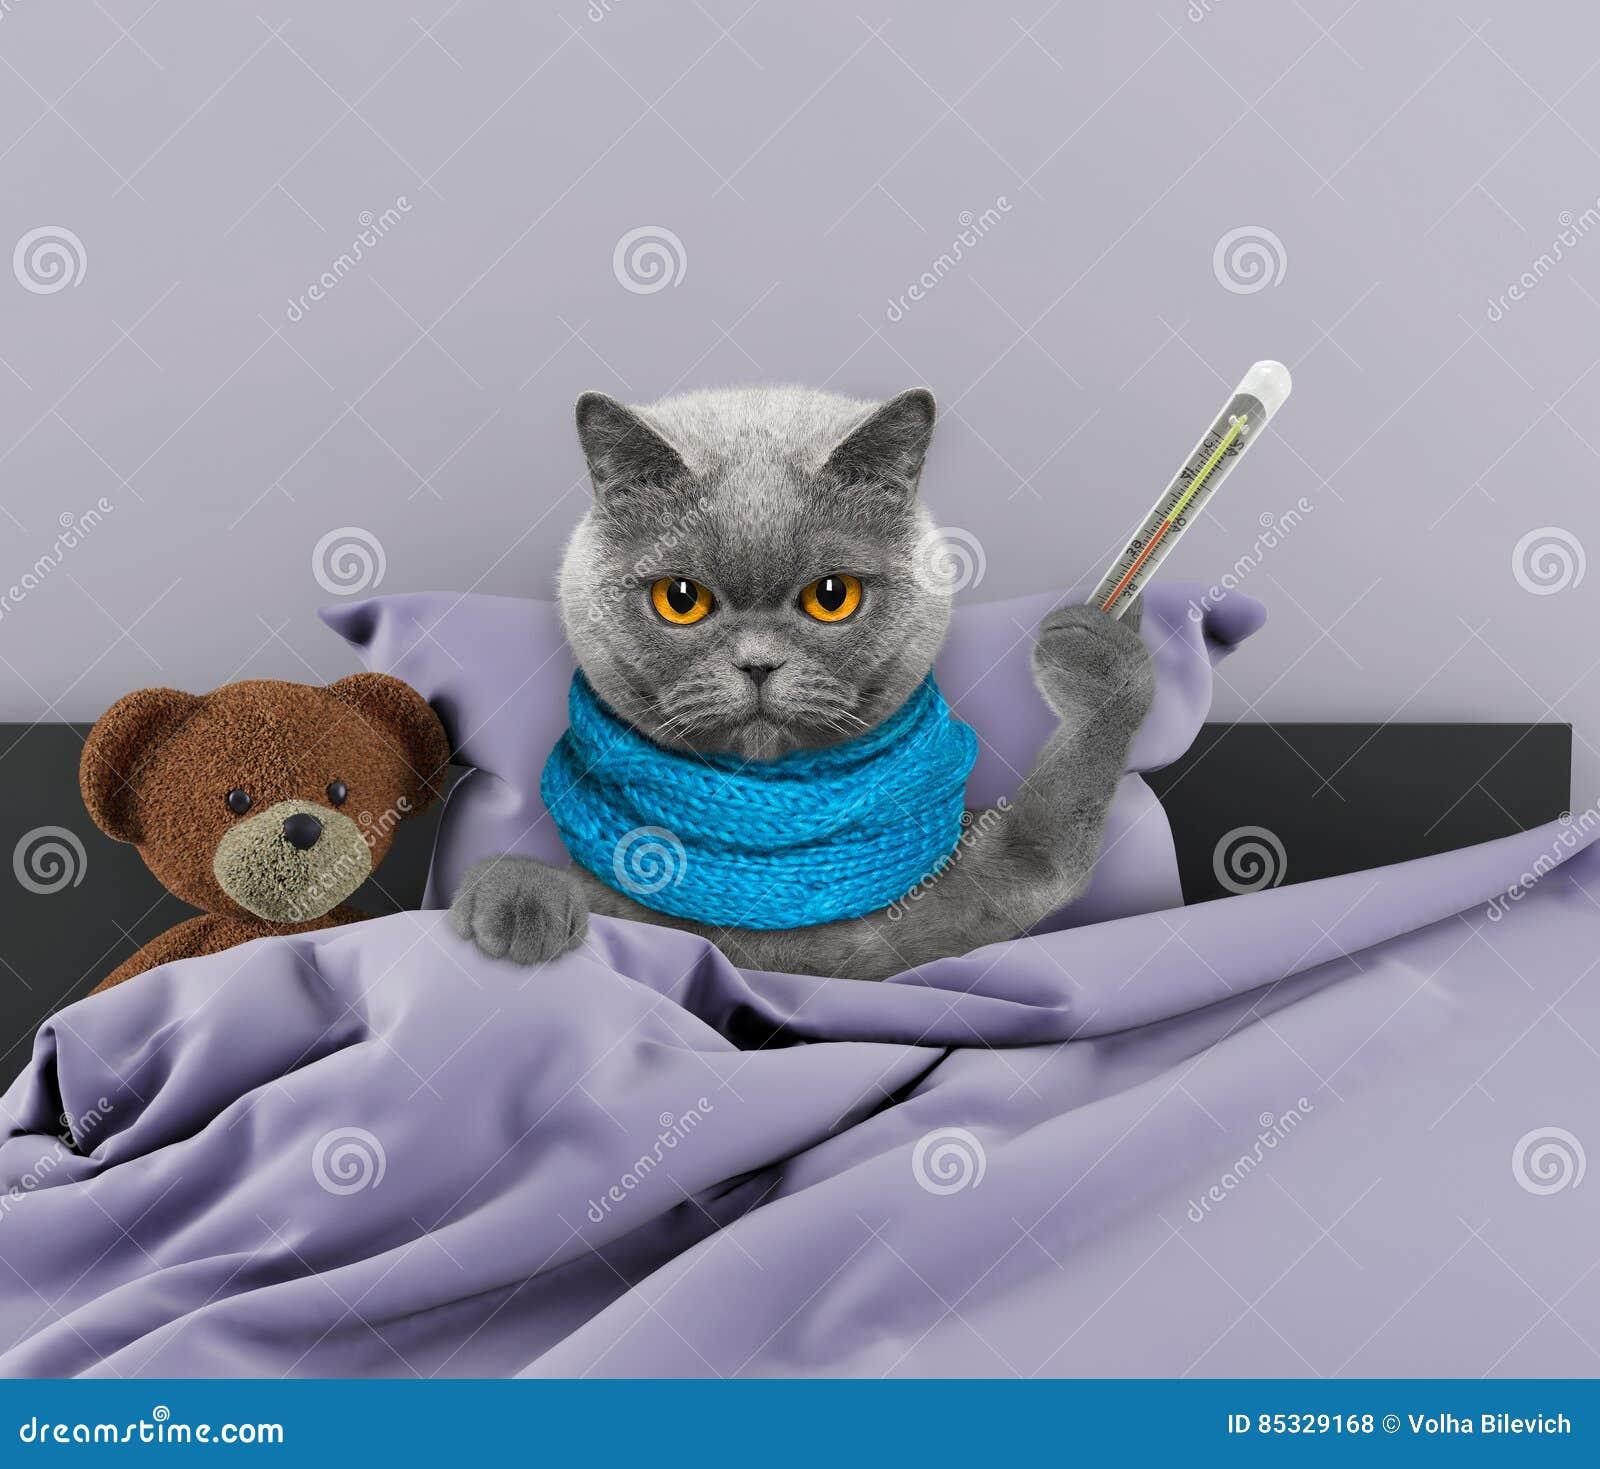 Фото больного кота